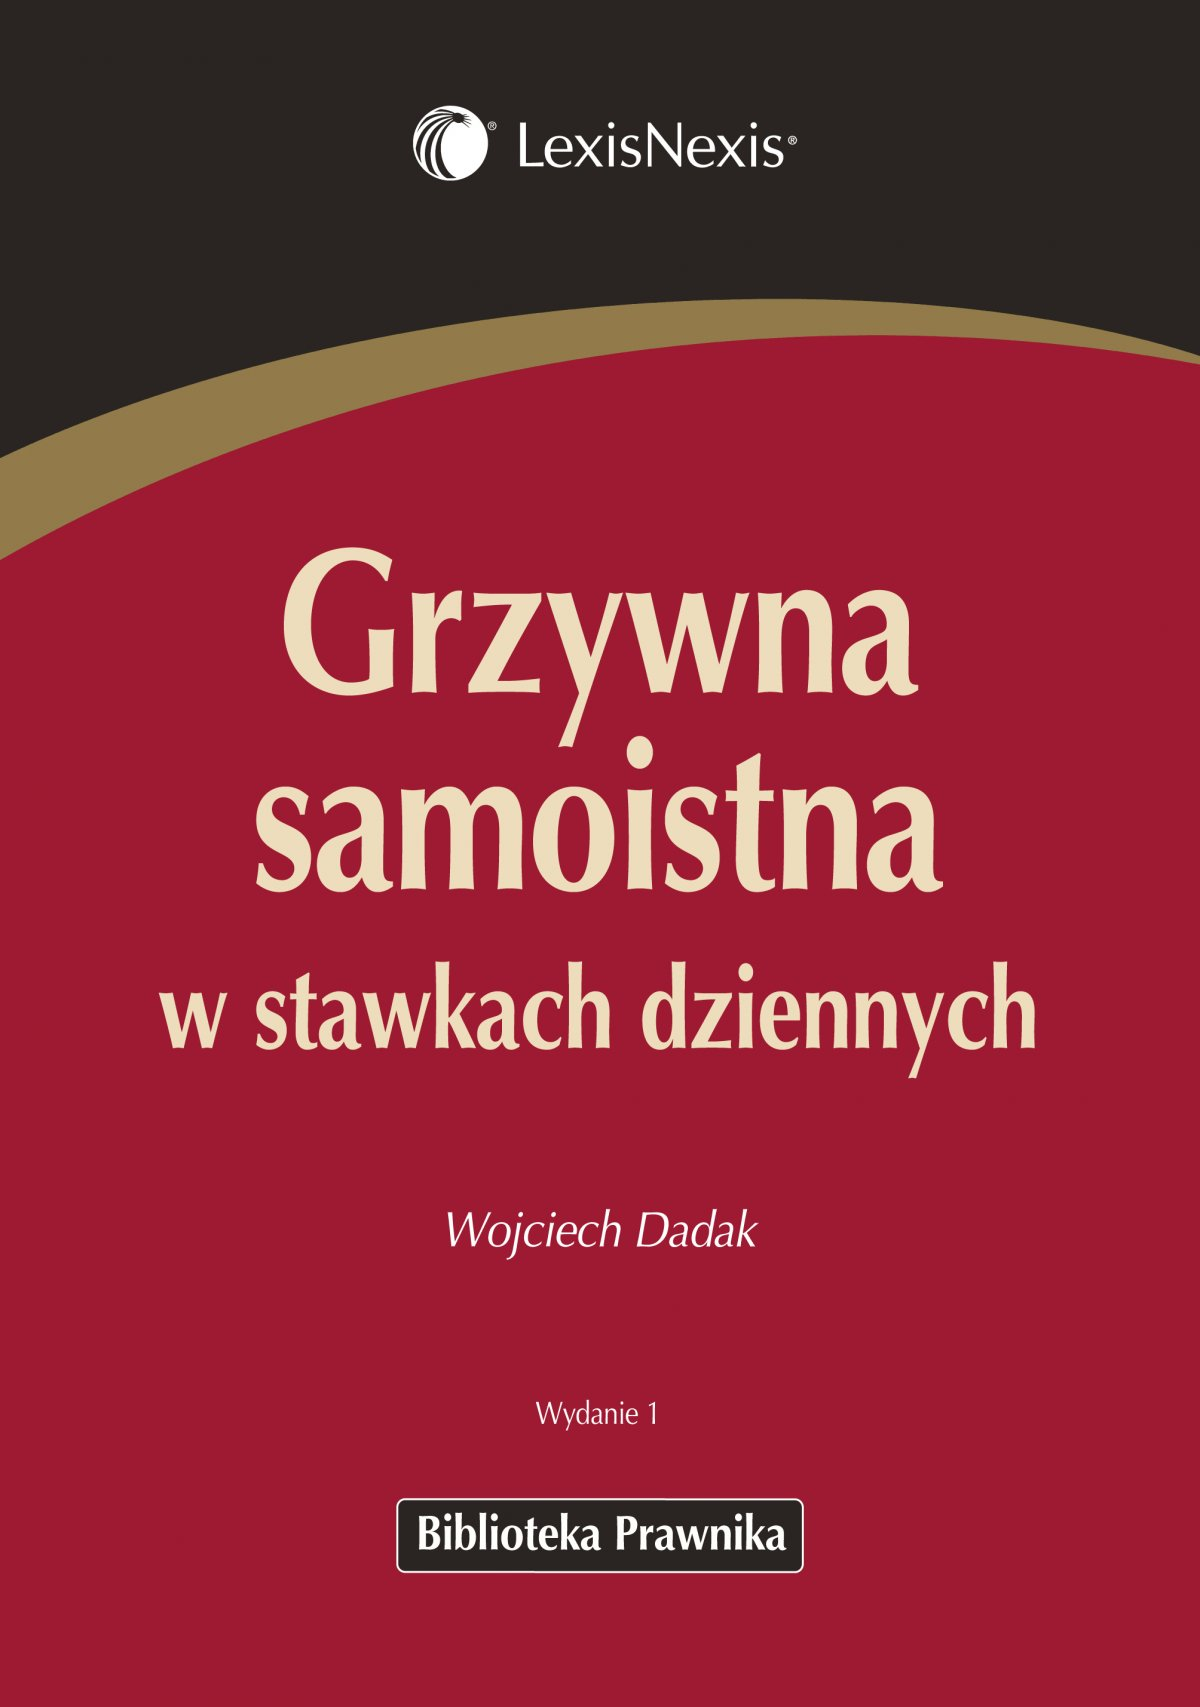 Grzywna samoistna w stawkach dziennych - Ebook (Książka PDF) do pobrania w formacie PDF